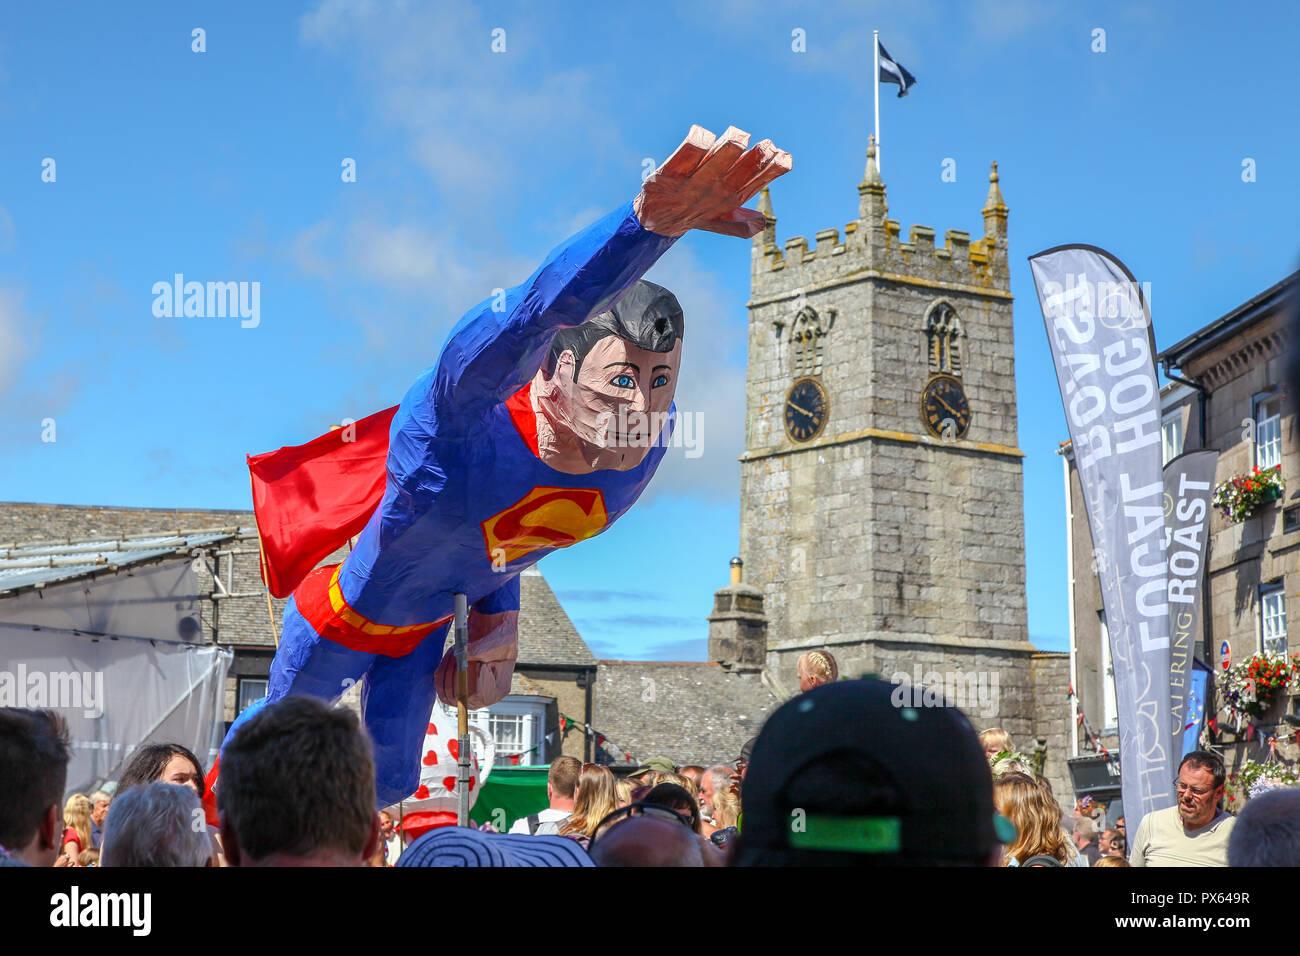 Ein pappmaché Modell von Superman am Lafrowda Festival von St. Just in Penwith, Cornwall, England, Großbritannien Stockbild